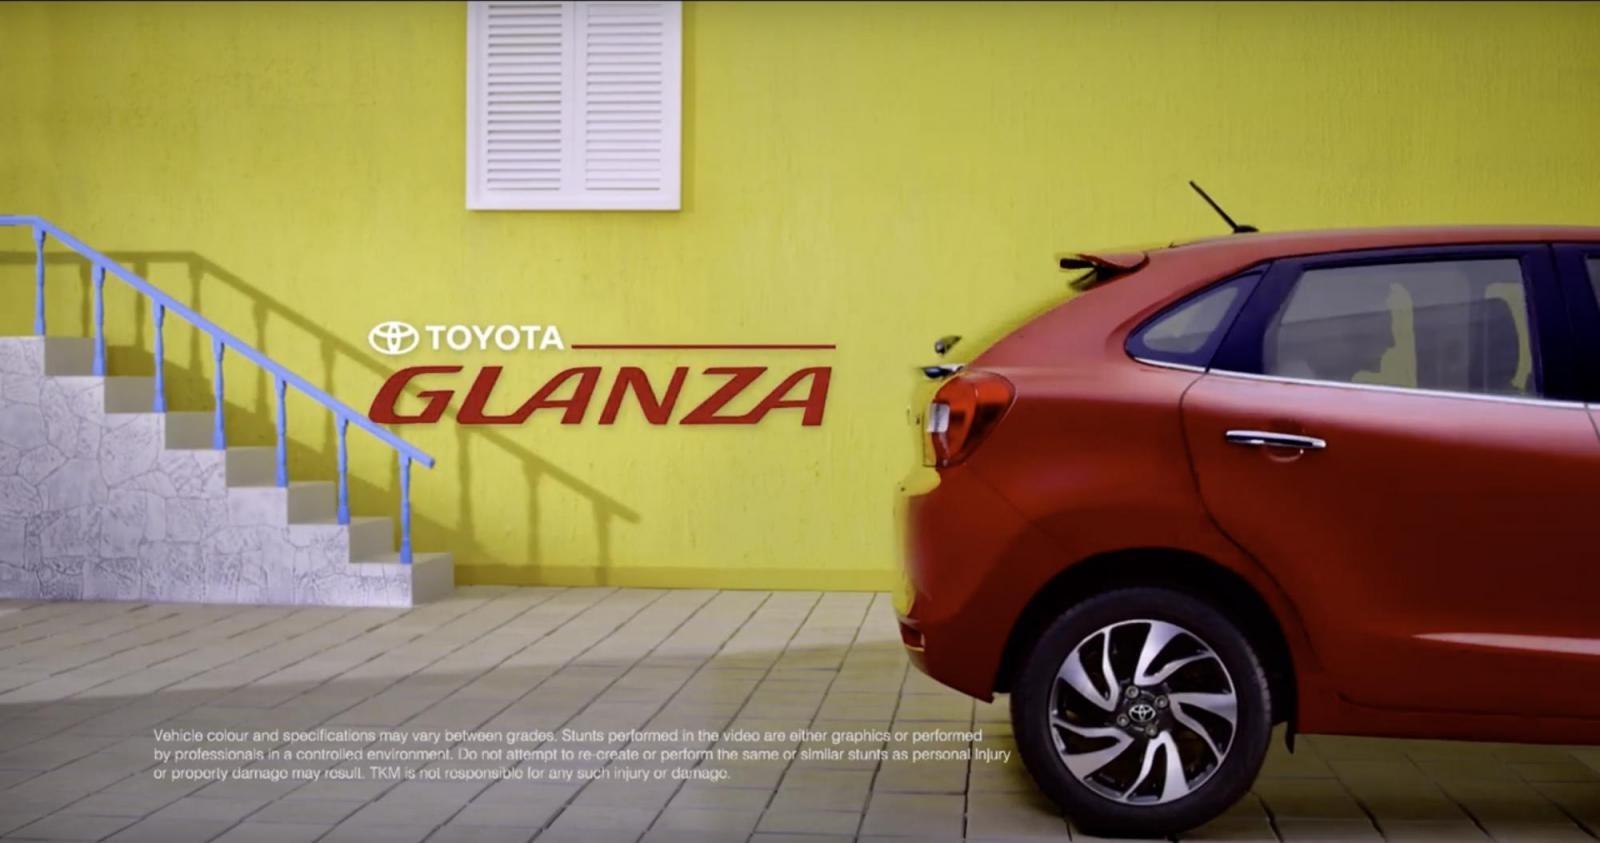 Toyota Glanza 2019 sở hữu thiết kế vành giống Suzuki Baleno